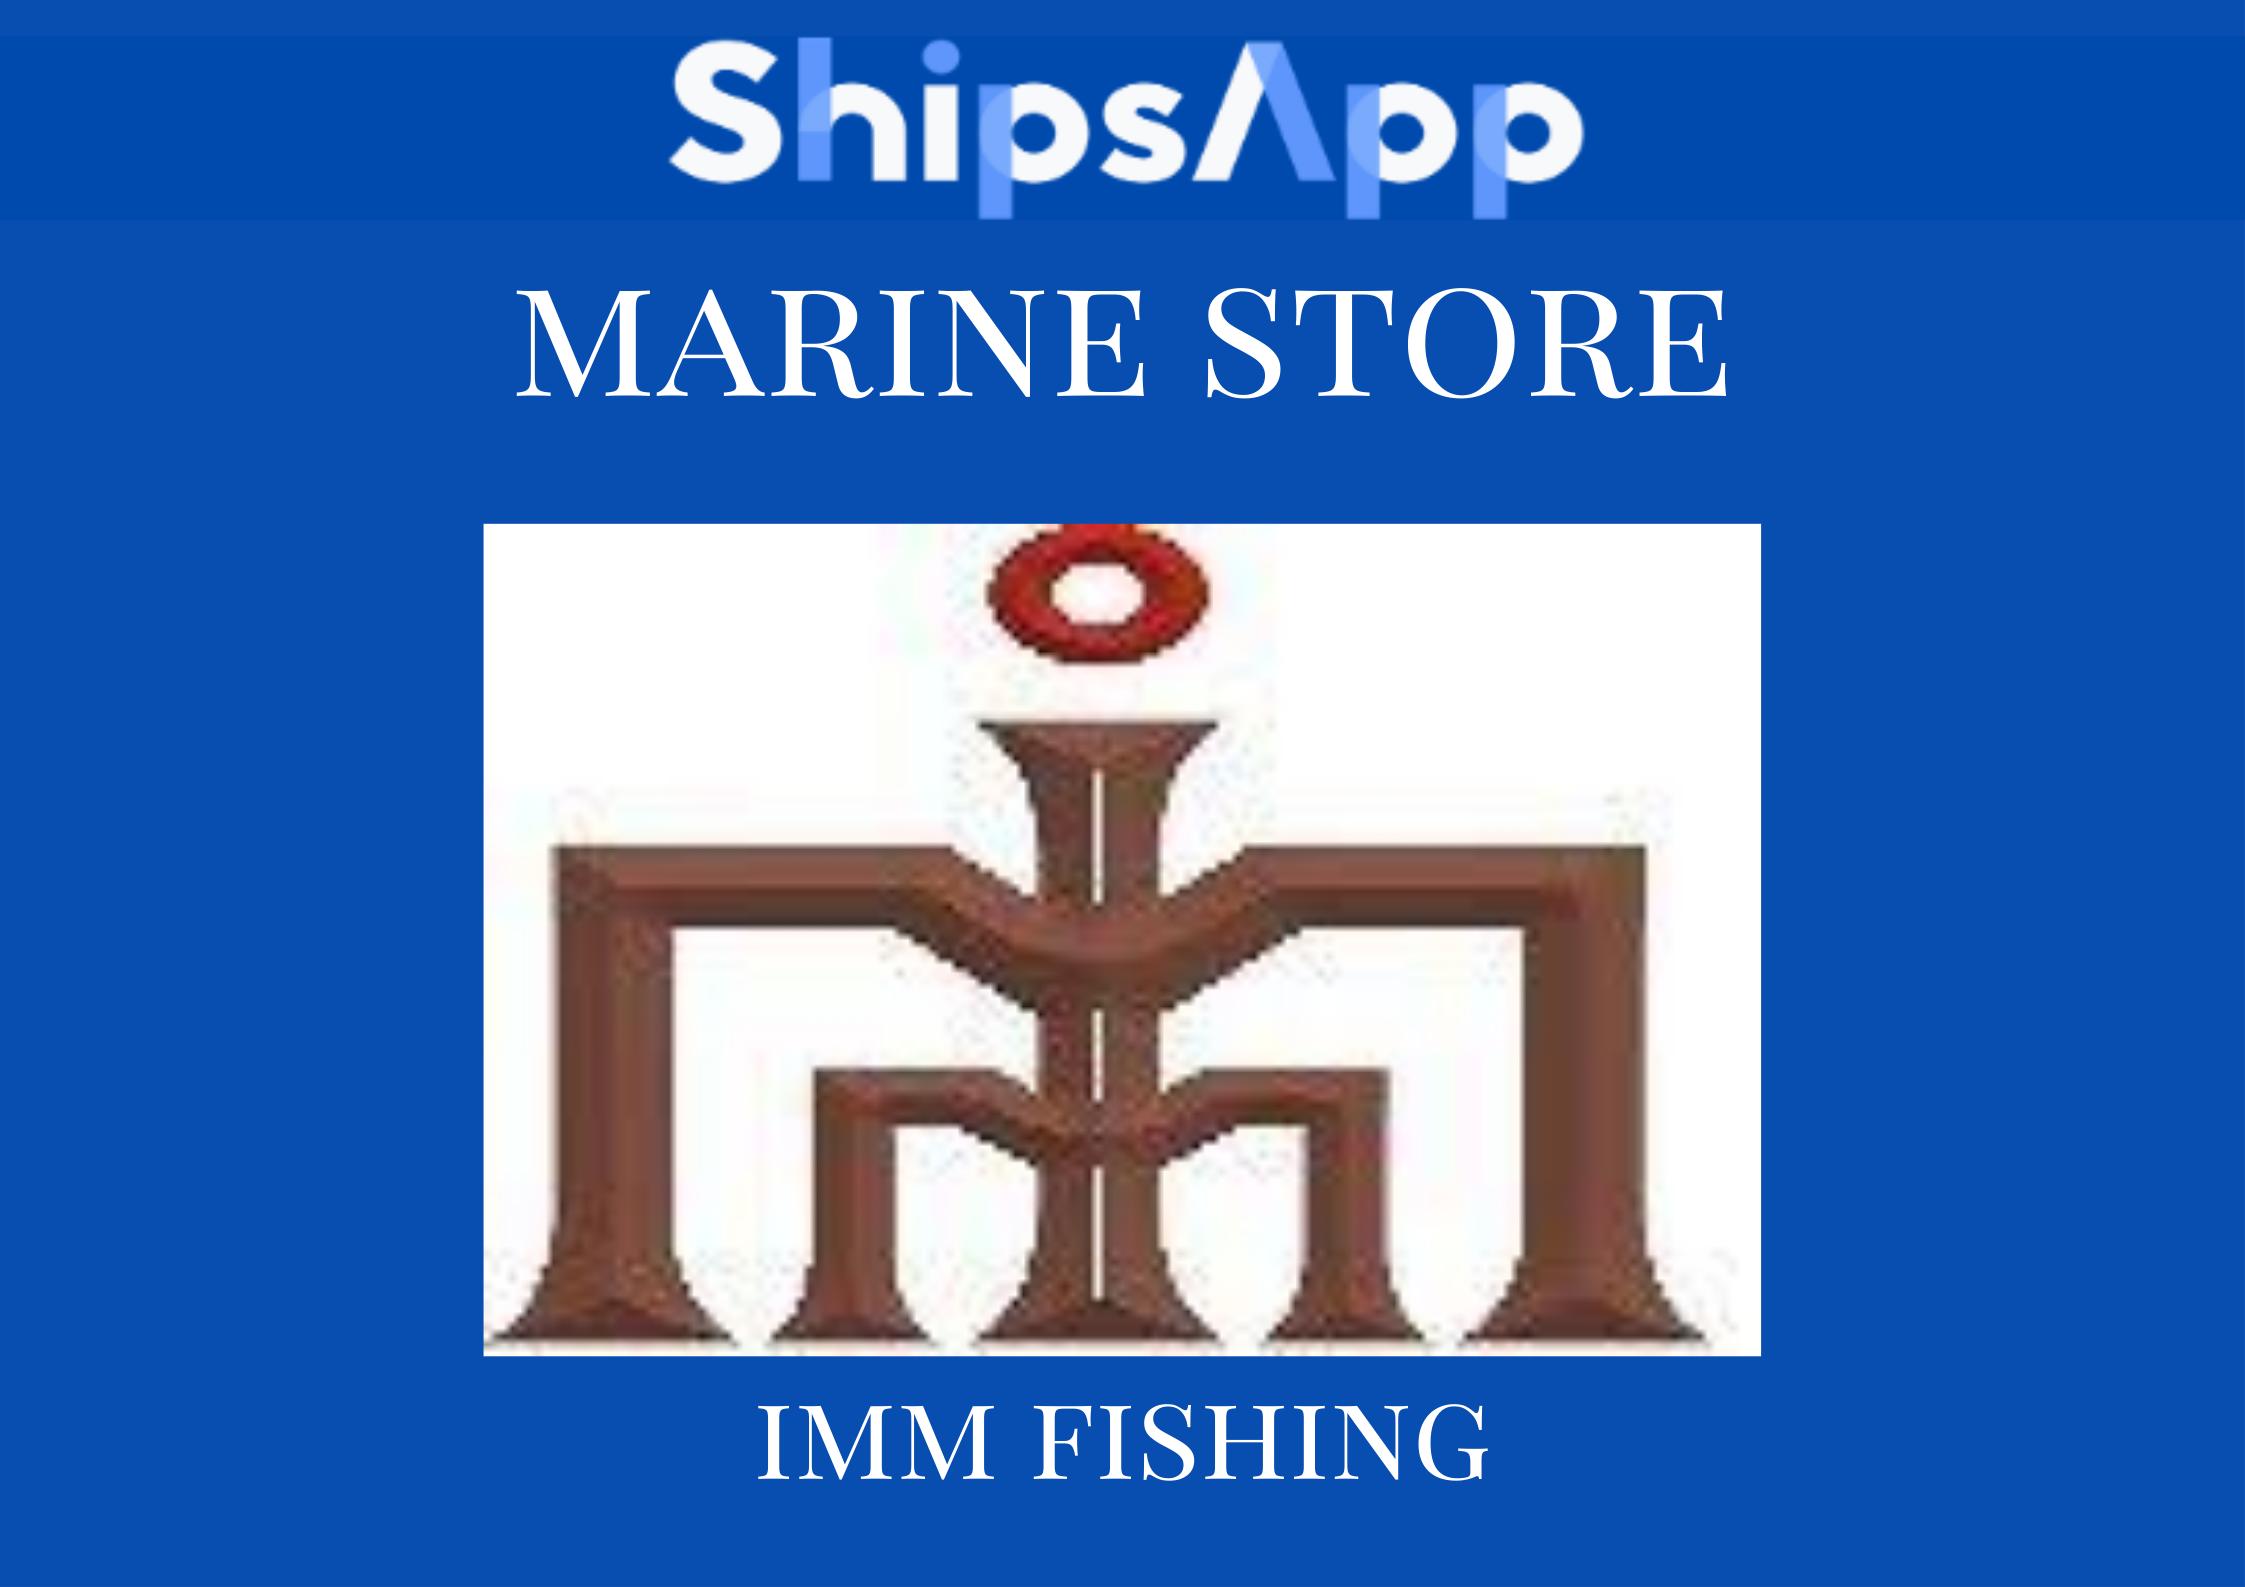 Marine Store IMM FISHING